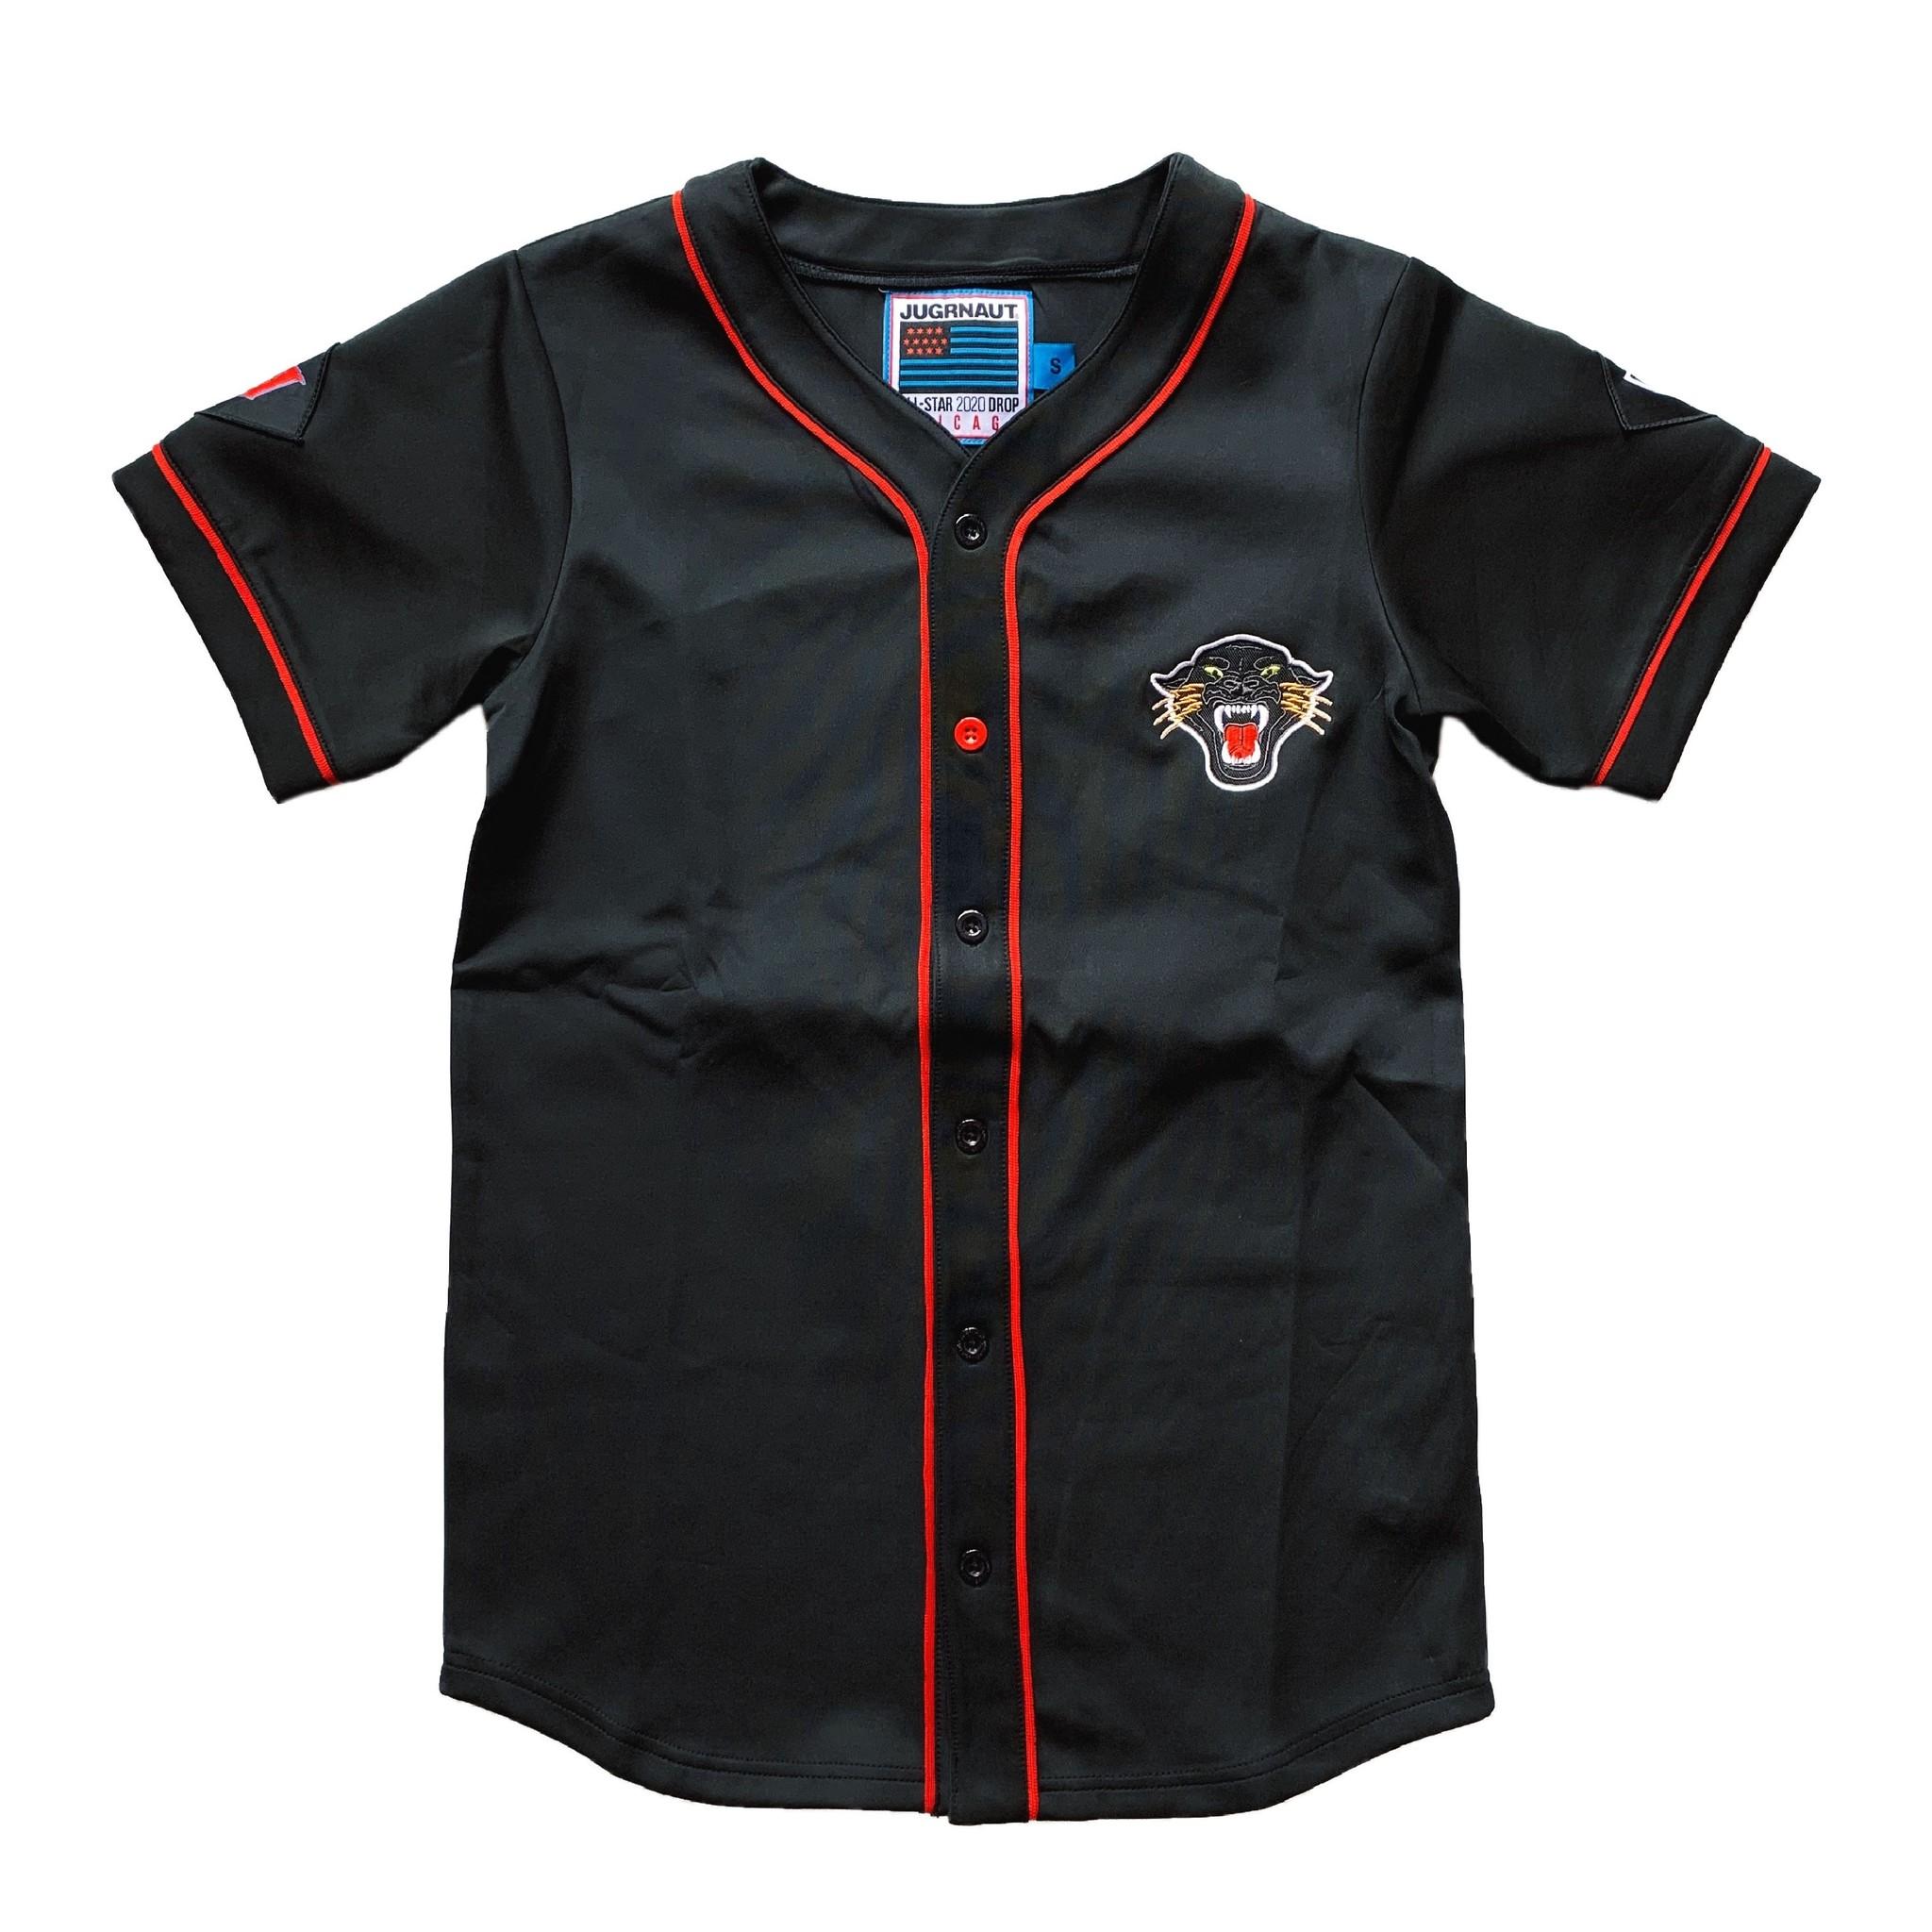 jugrnaut-jugrnaut-panthro-asw-jersey-black